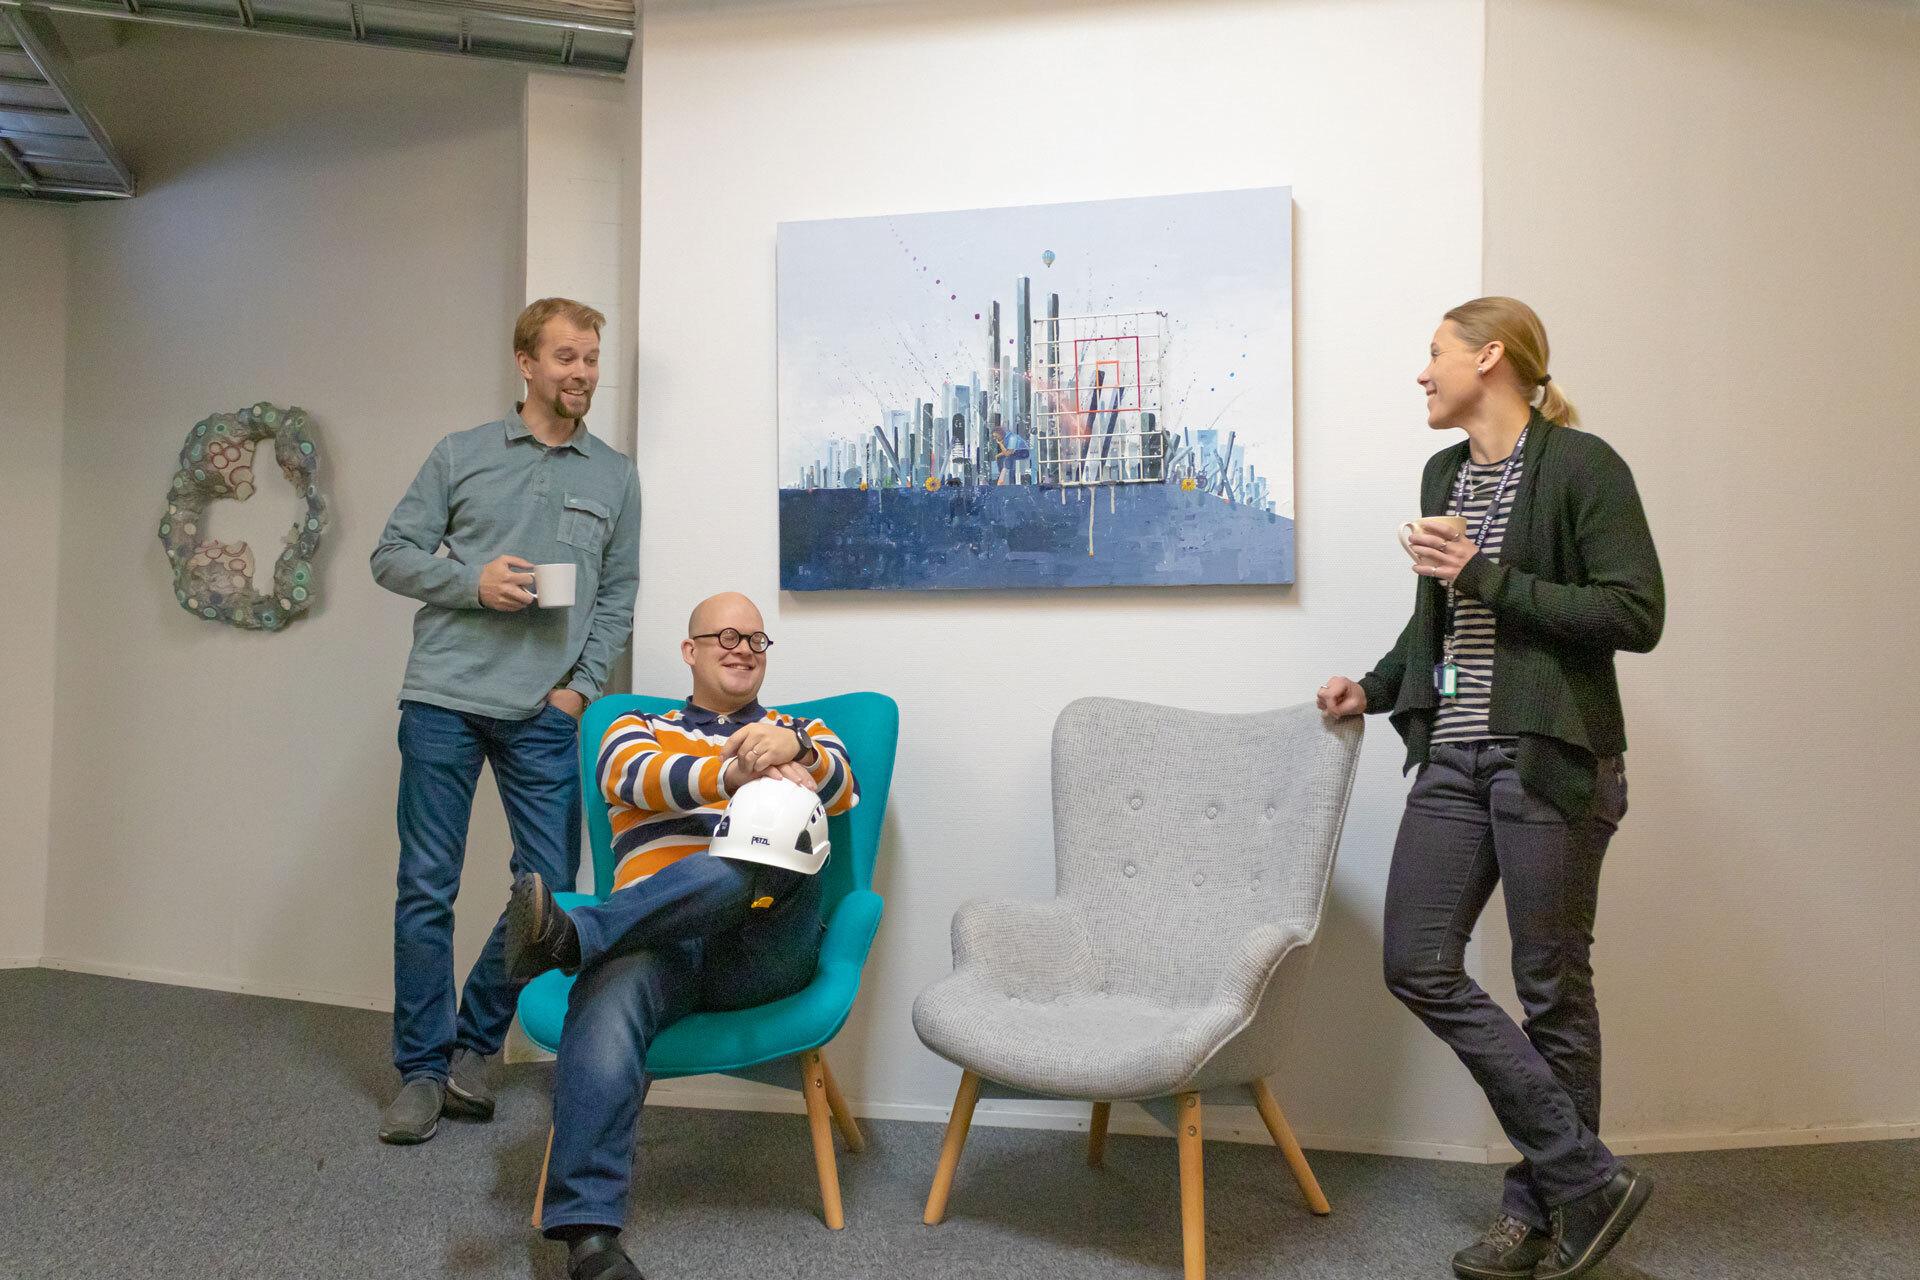 Vasemmalla Ville Autio, keskellä Atte Niemi ja oikealla Miia Lehtinen.